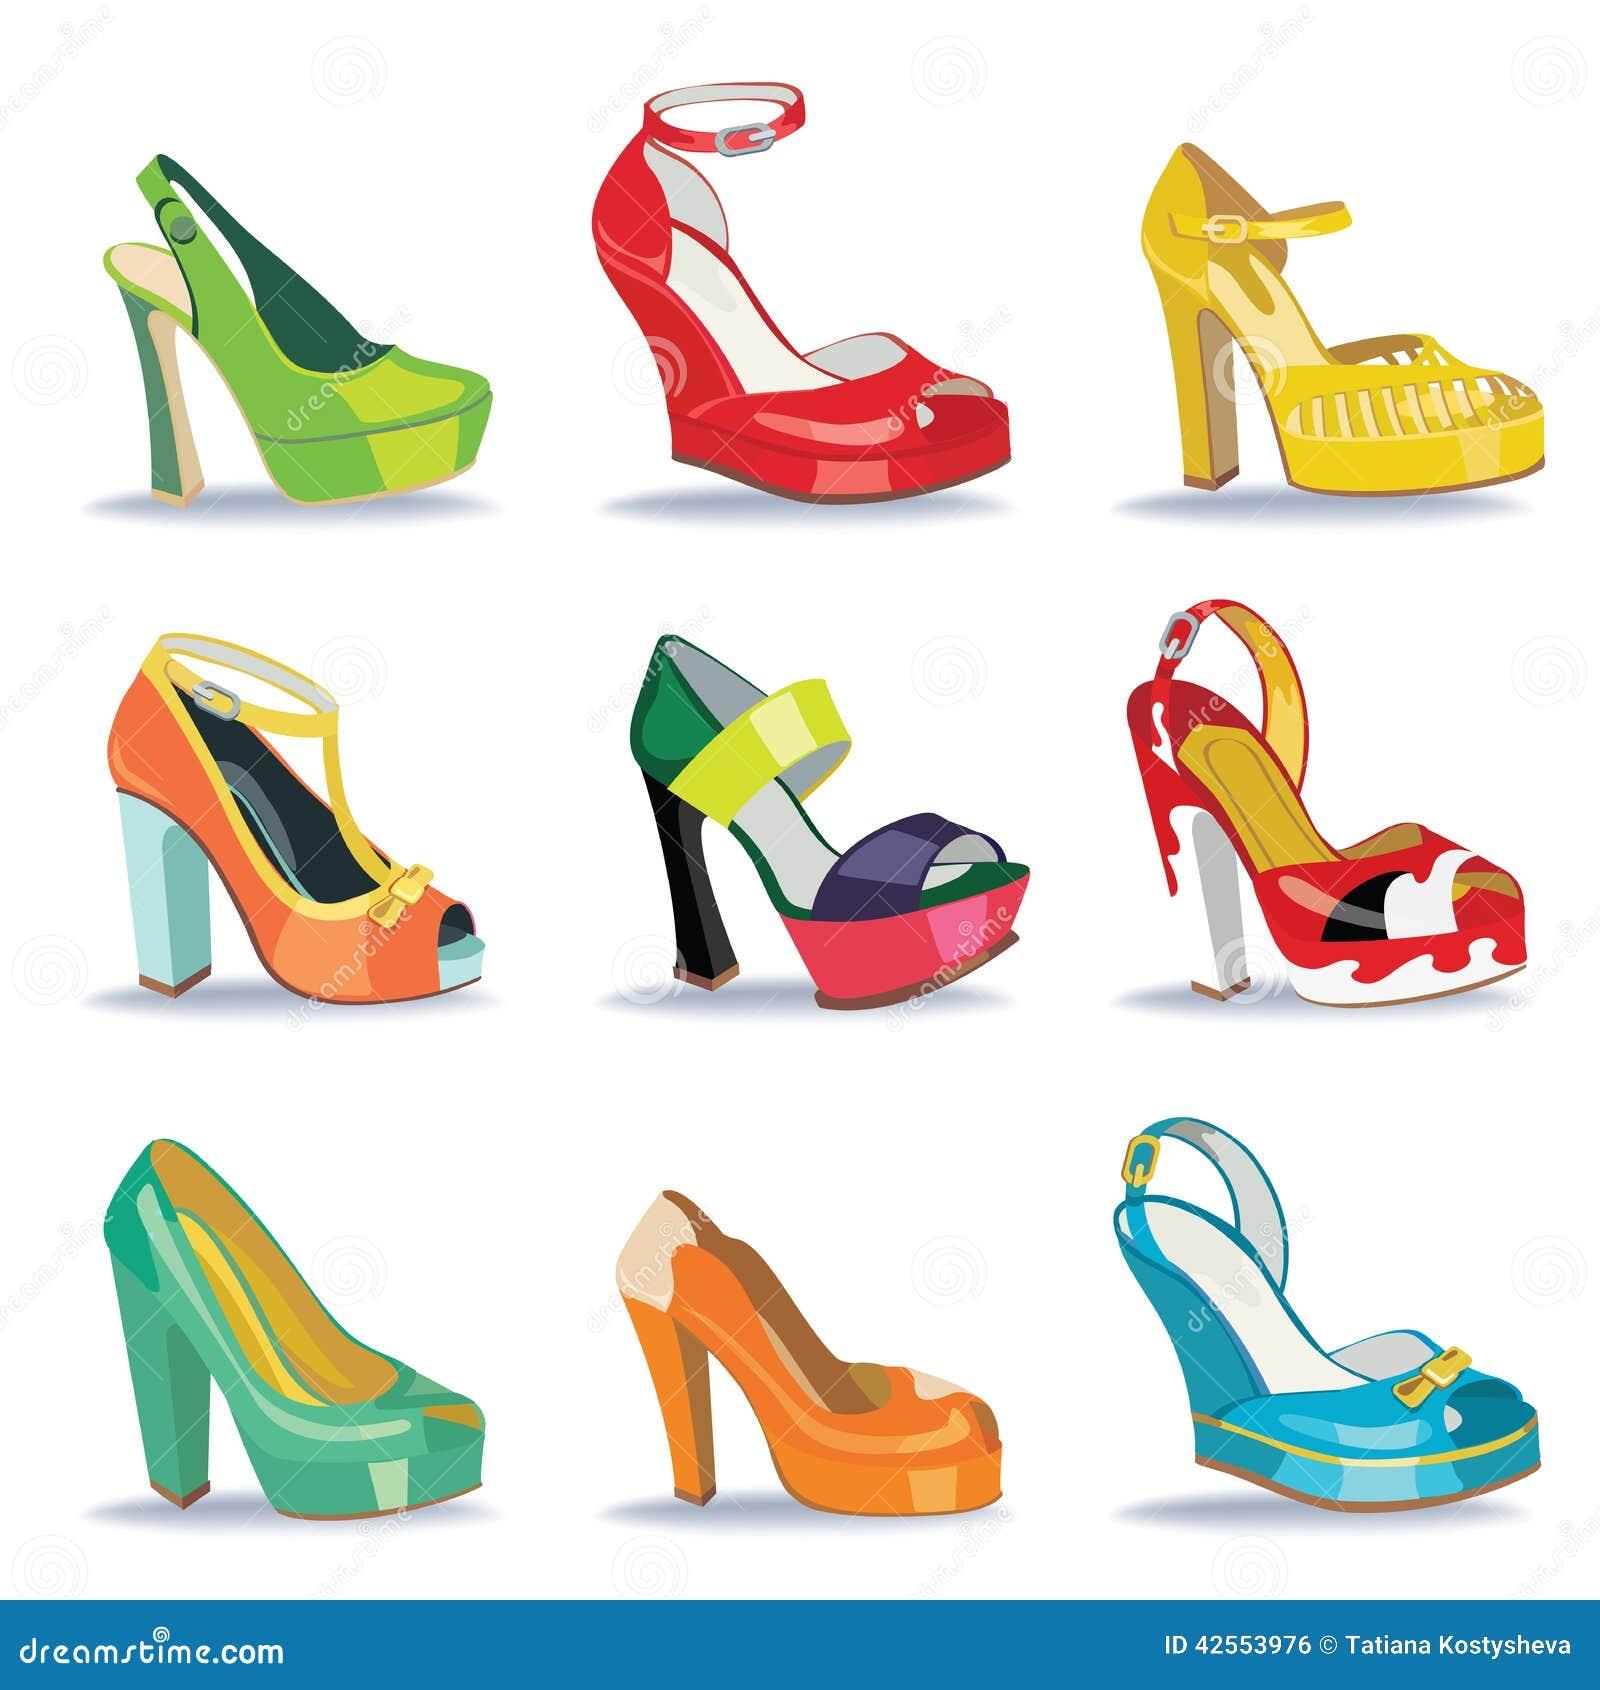 Chaussures Femme Colorées Chaussures Colorées Femme Femme Colorées Chaussures Chaussures Femme Colorées iPkZXu